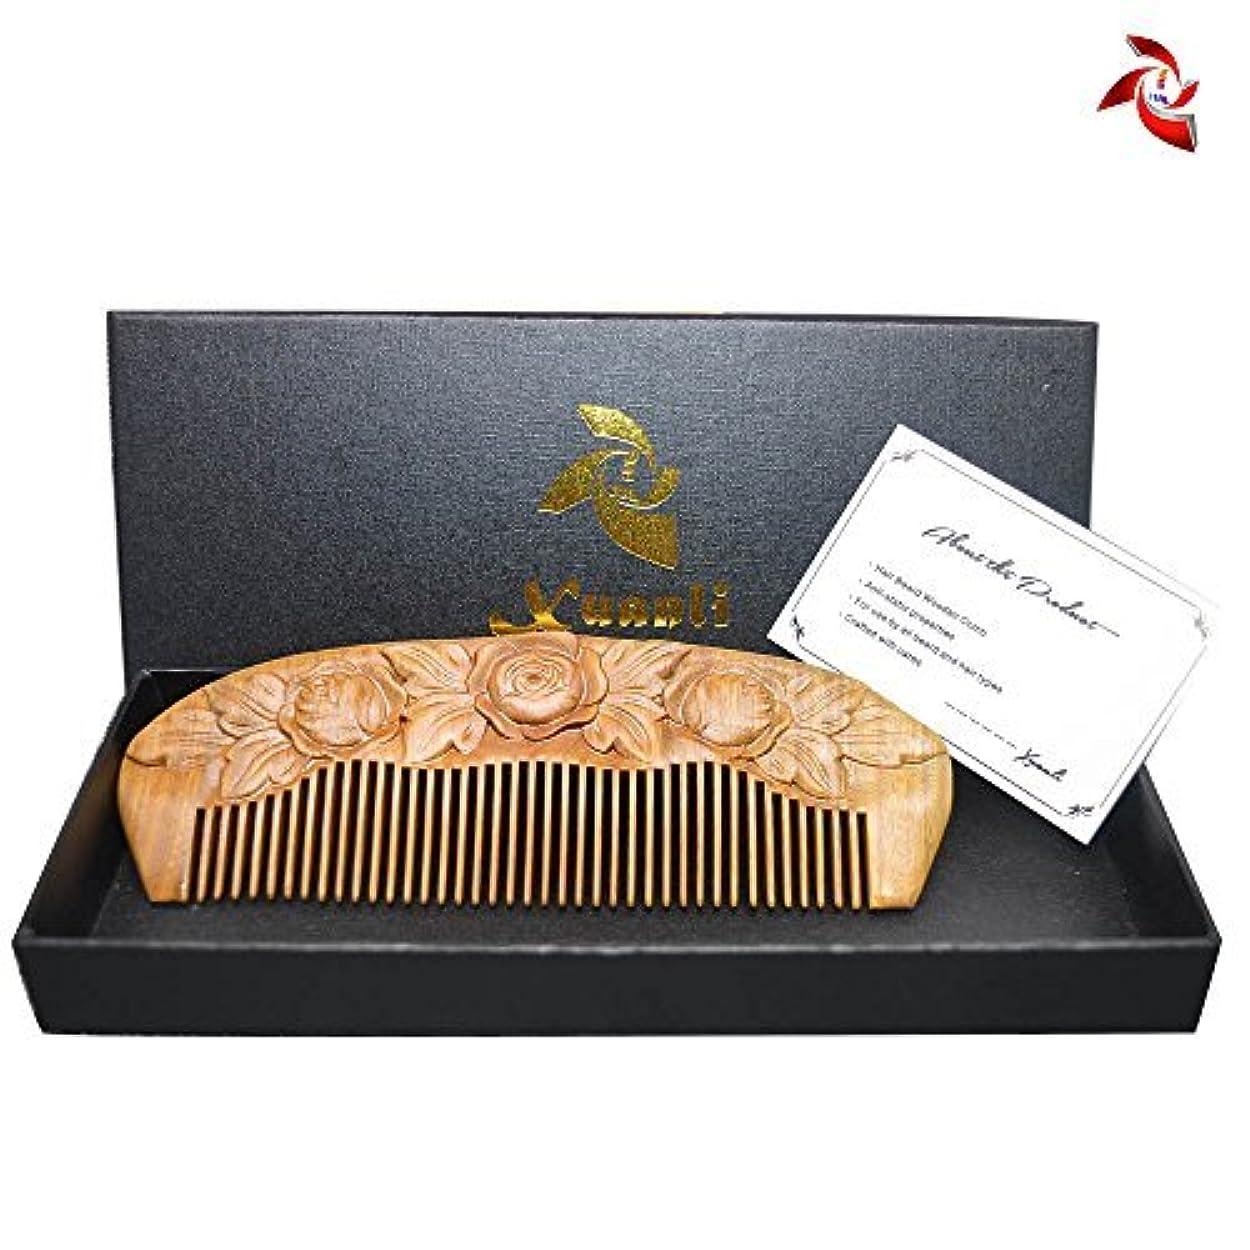 の慈悲で異常ロータリーXuanli Wood Combs Carving roses design Natural Green Sandalwood Combs Top Quality Handmade Combs For Hair No Static (M024) [並行輸入品]